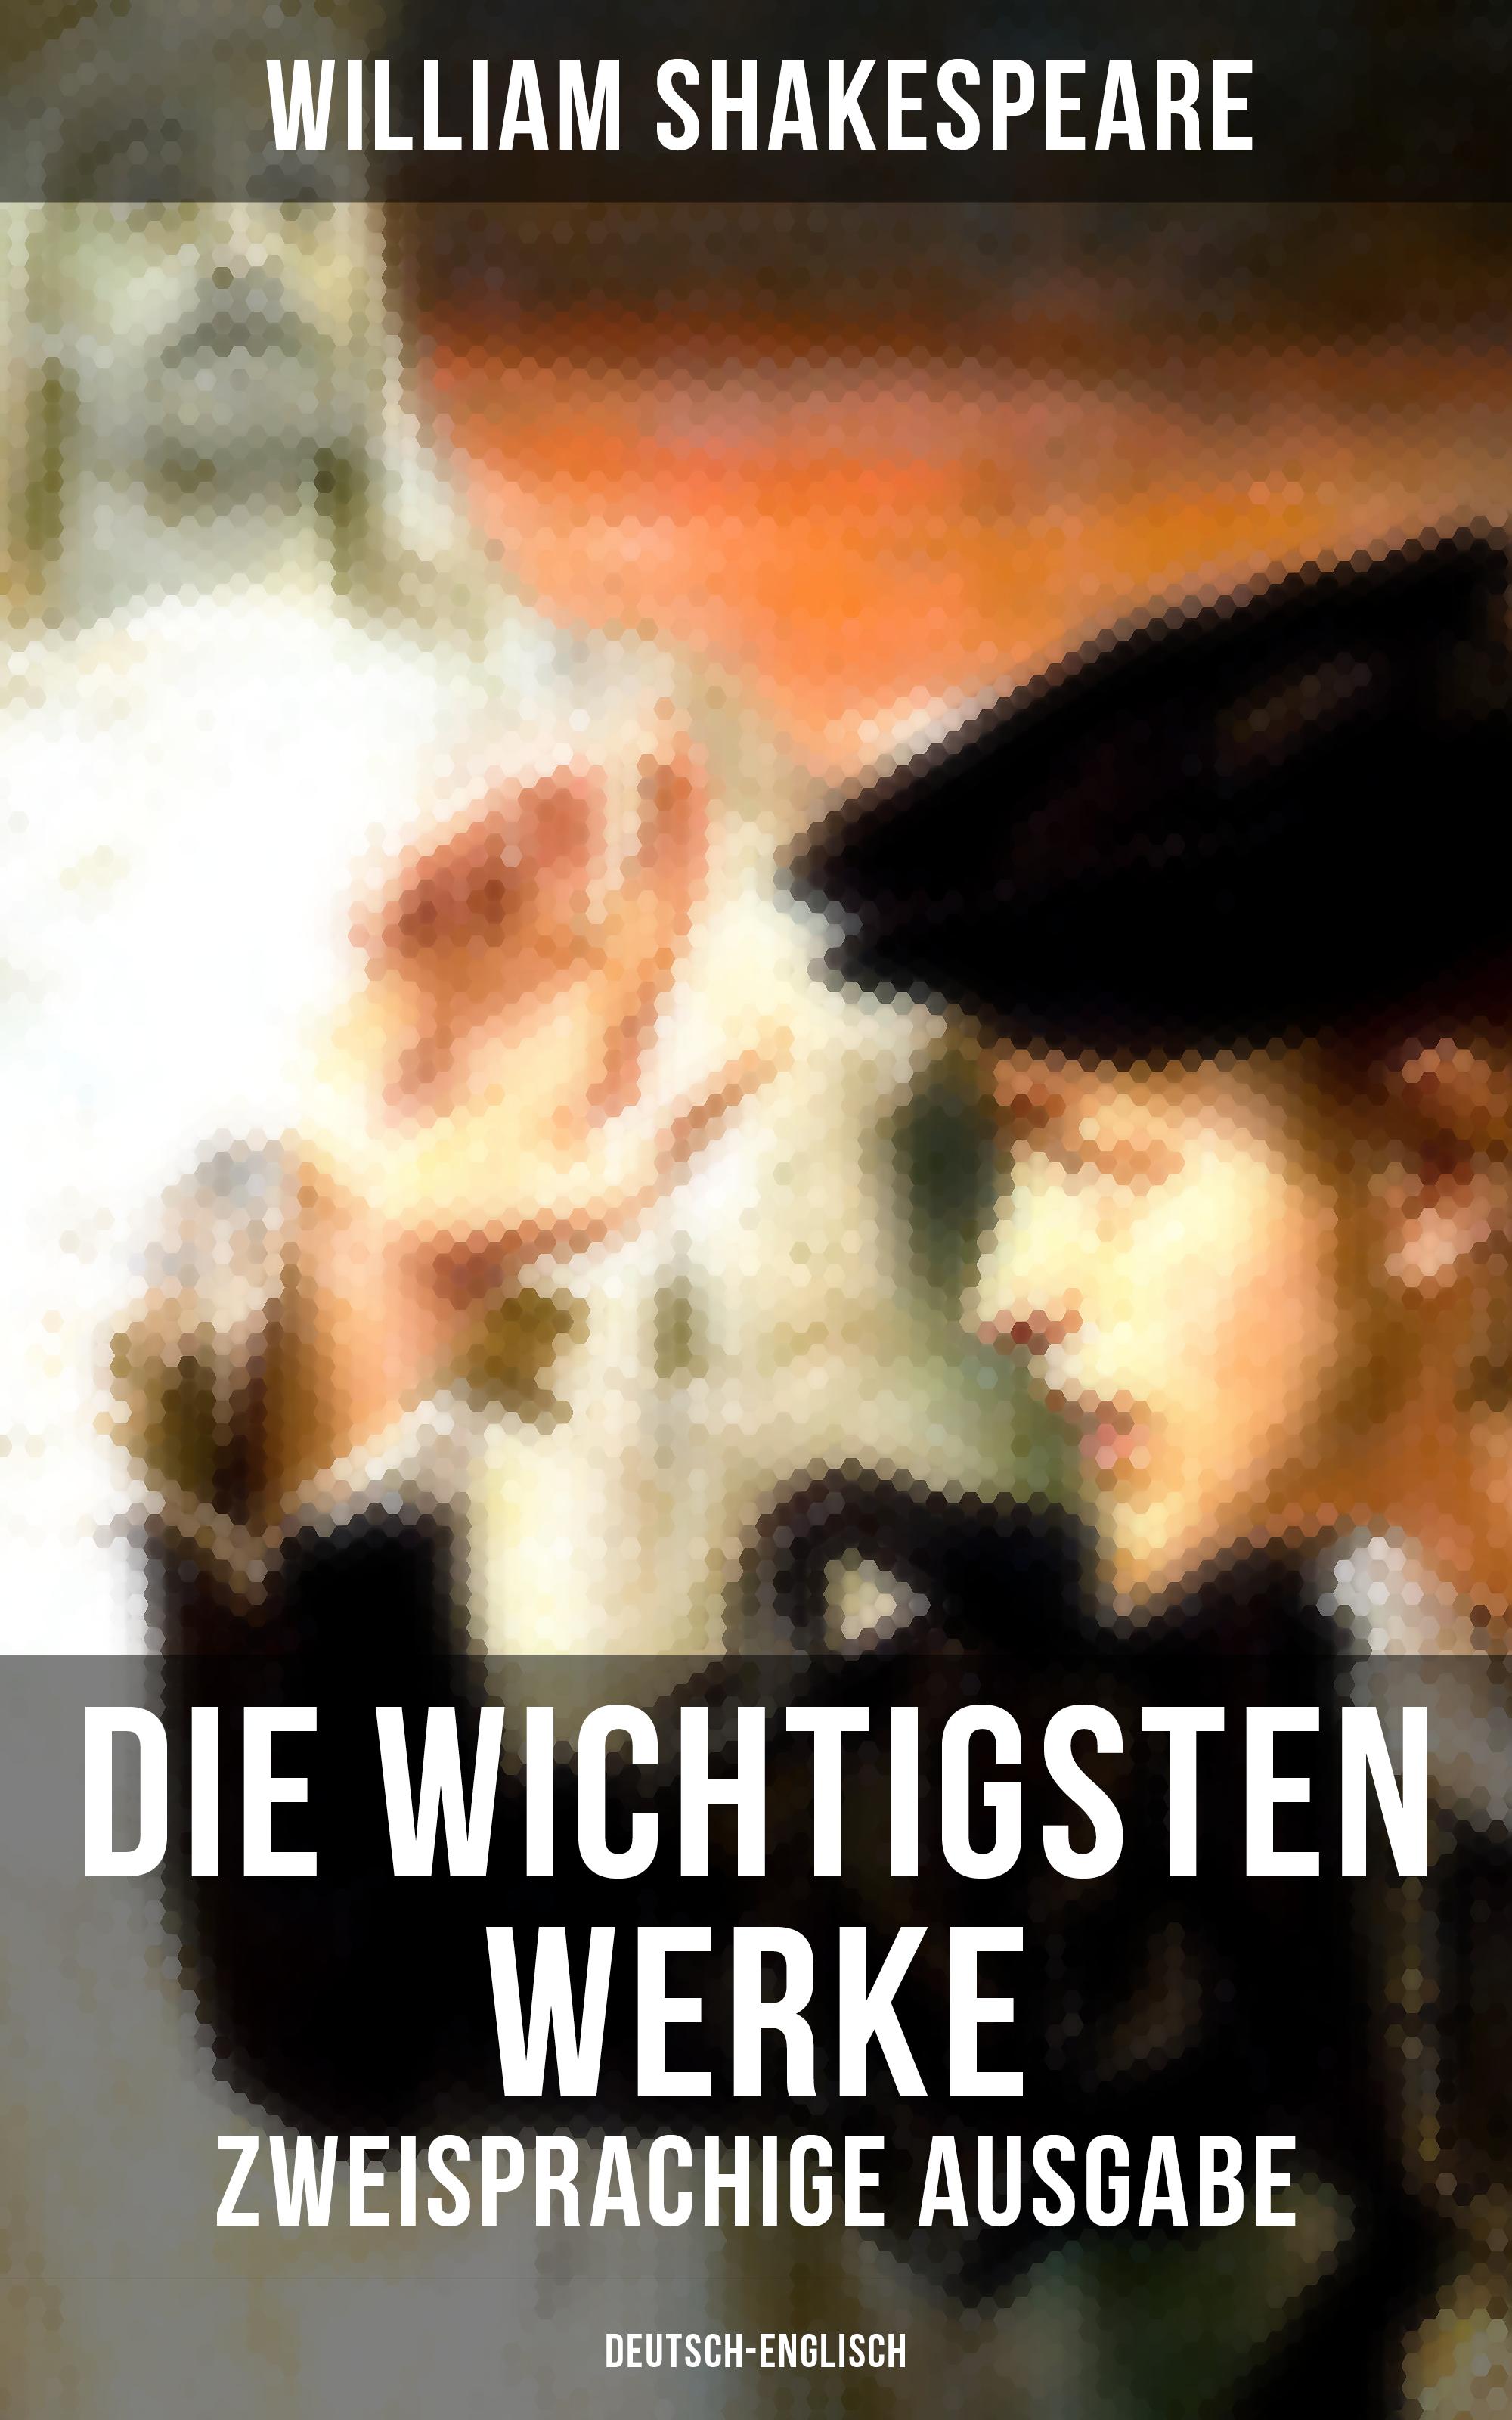 die wichtigsten werke von william shakespeare zweisprachige ausgabe deutsch englisch